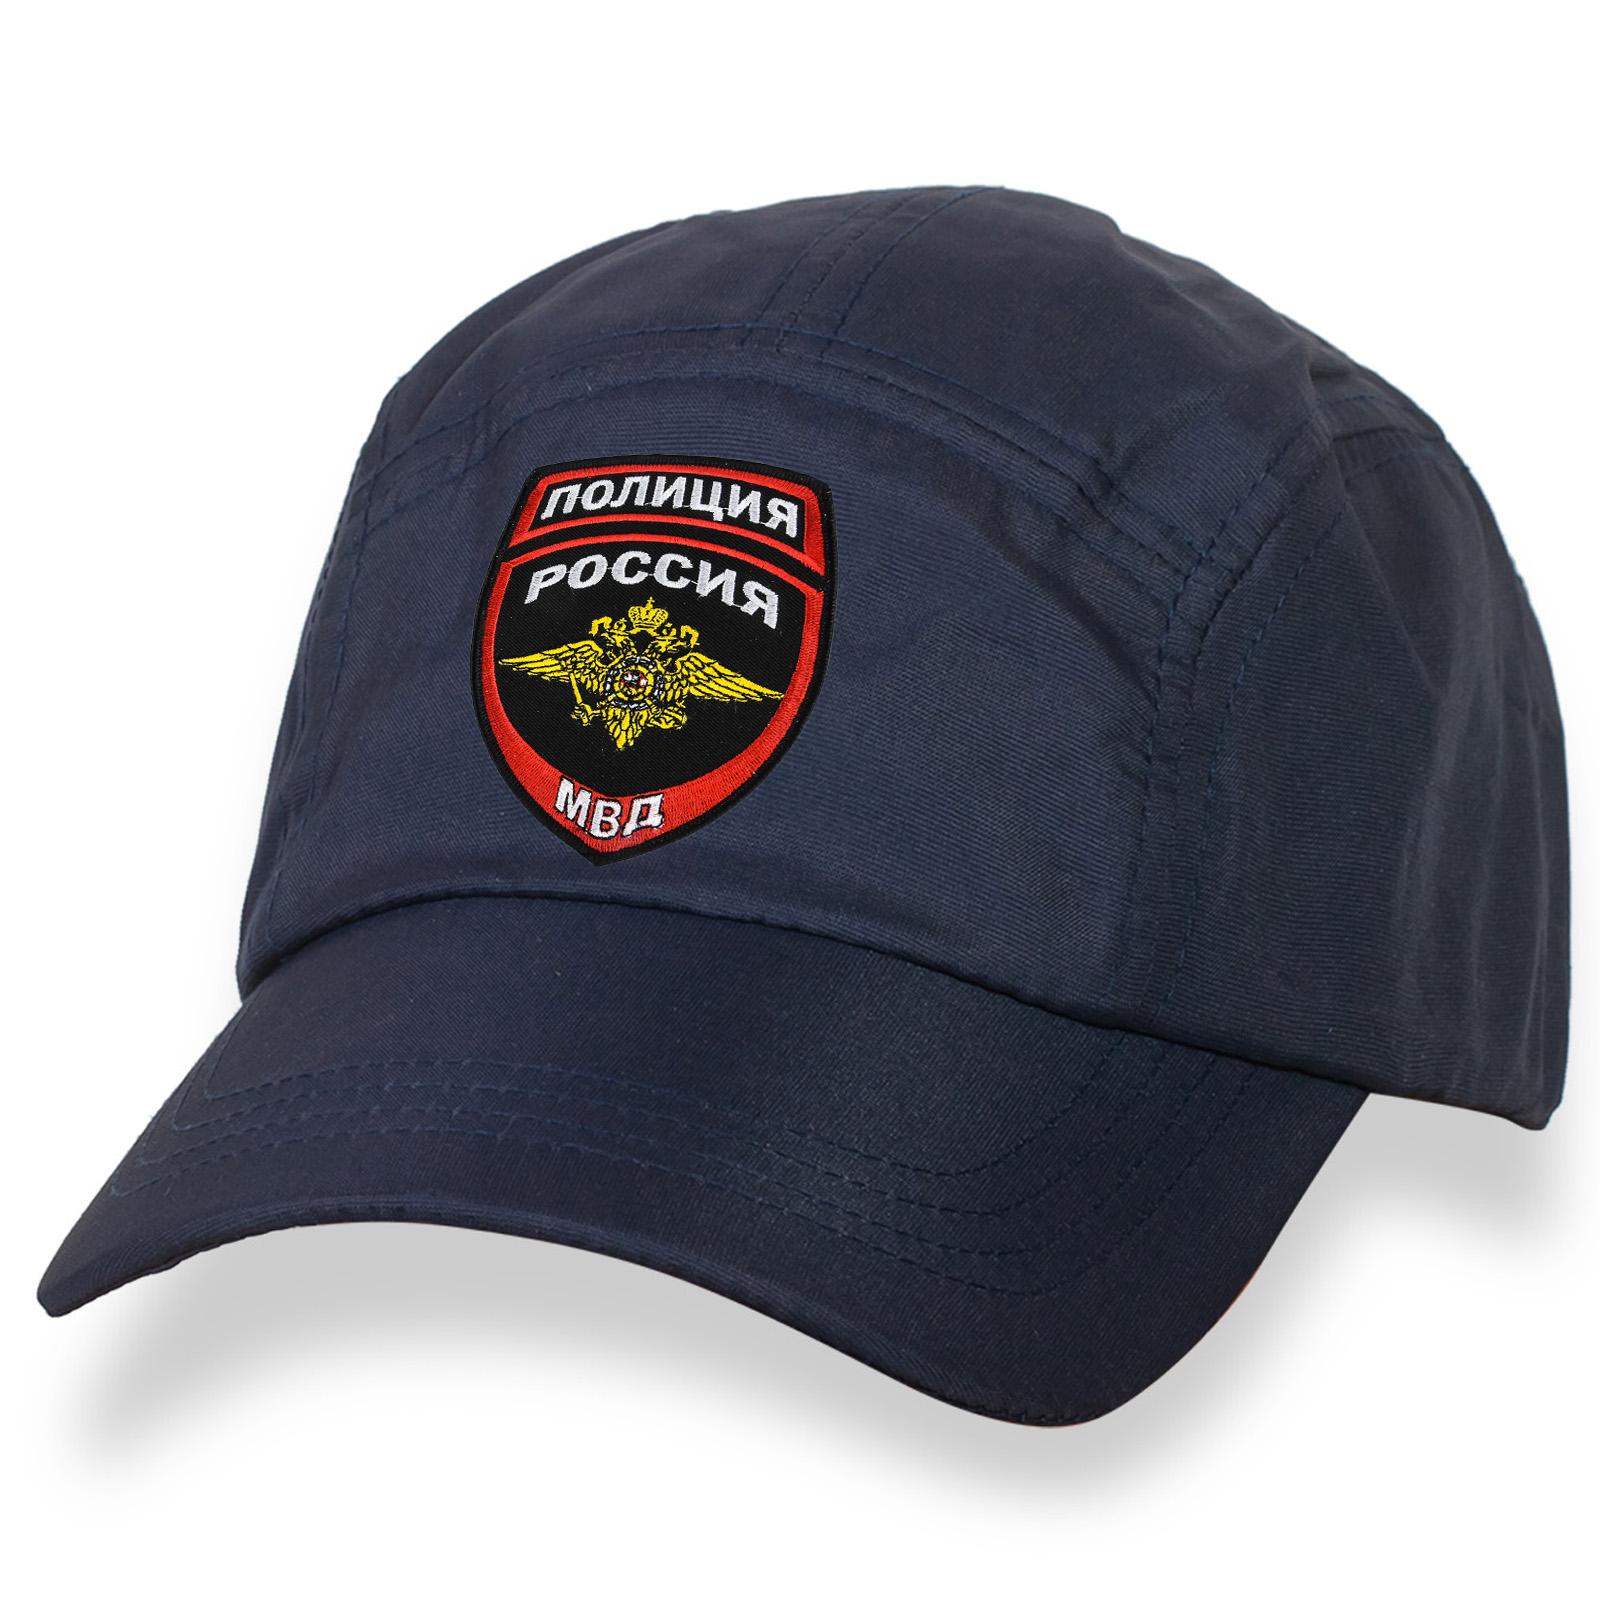 Вентилируемая и легкая бейсболка с вышивкой МВД, Полиция России.